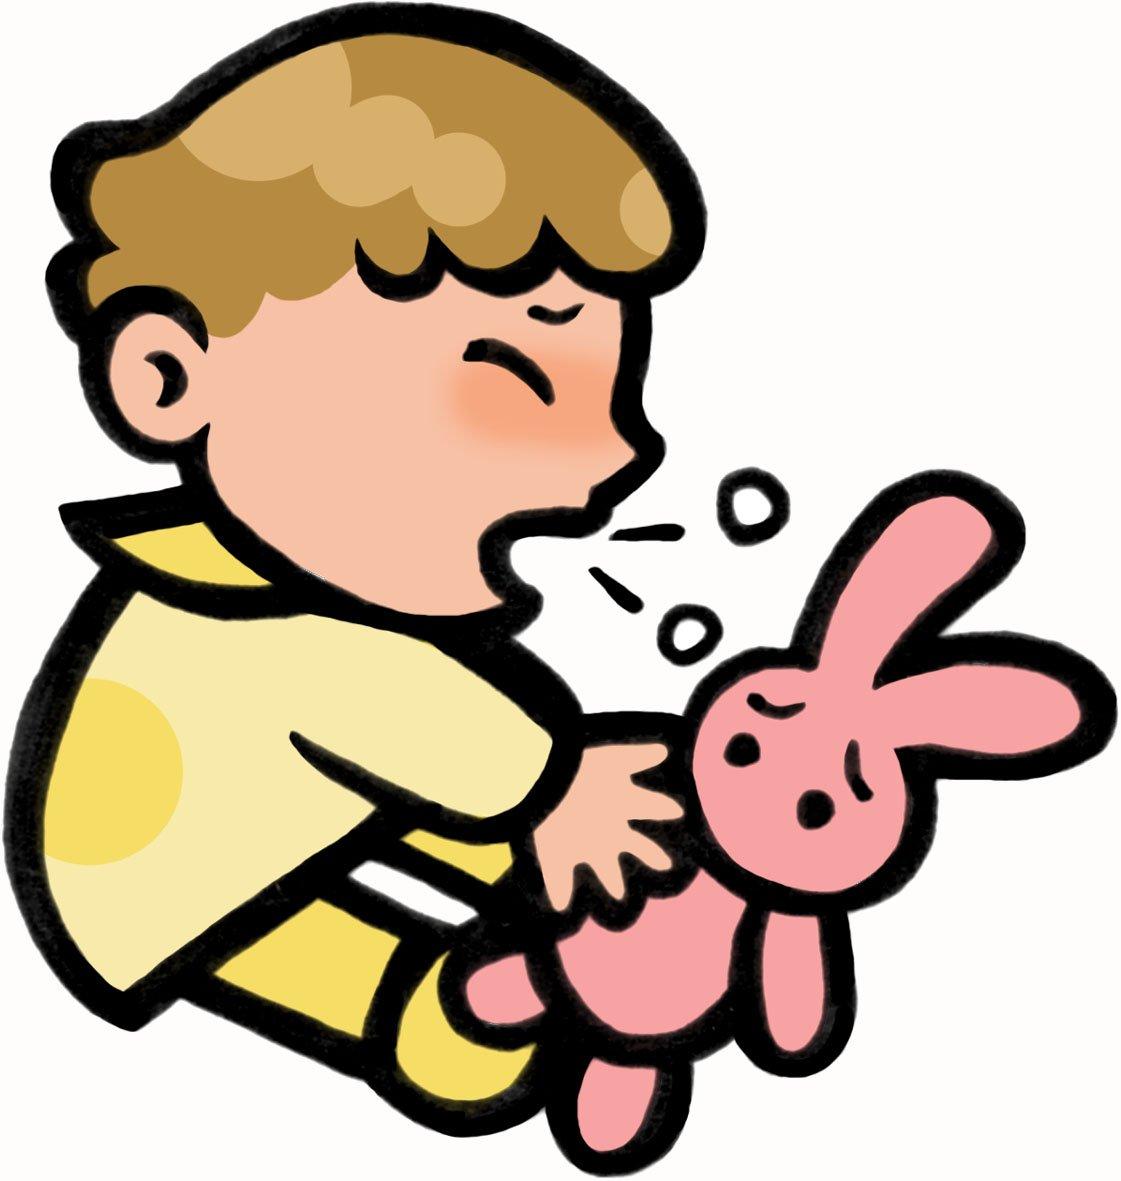 咳・くしゃみをする赤ちゃん